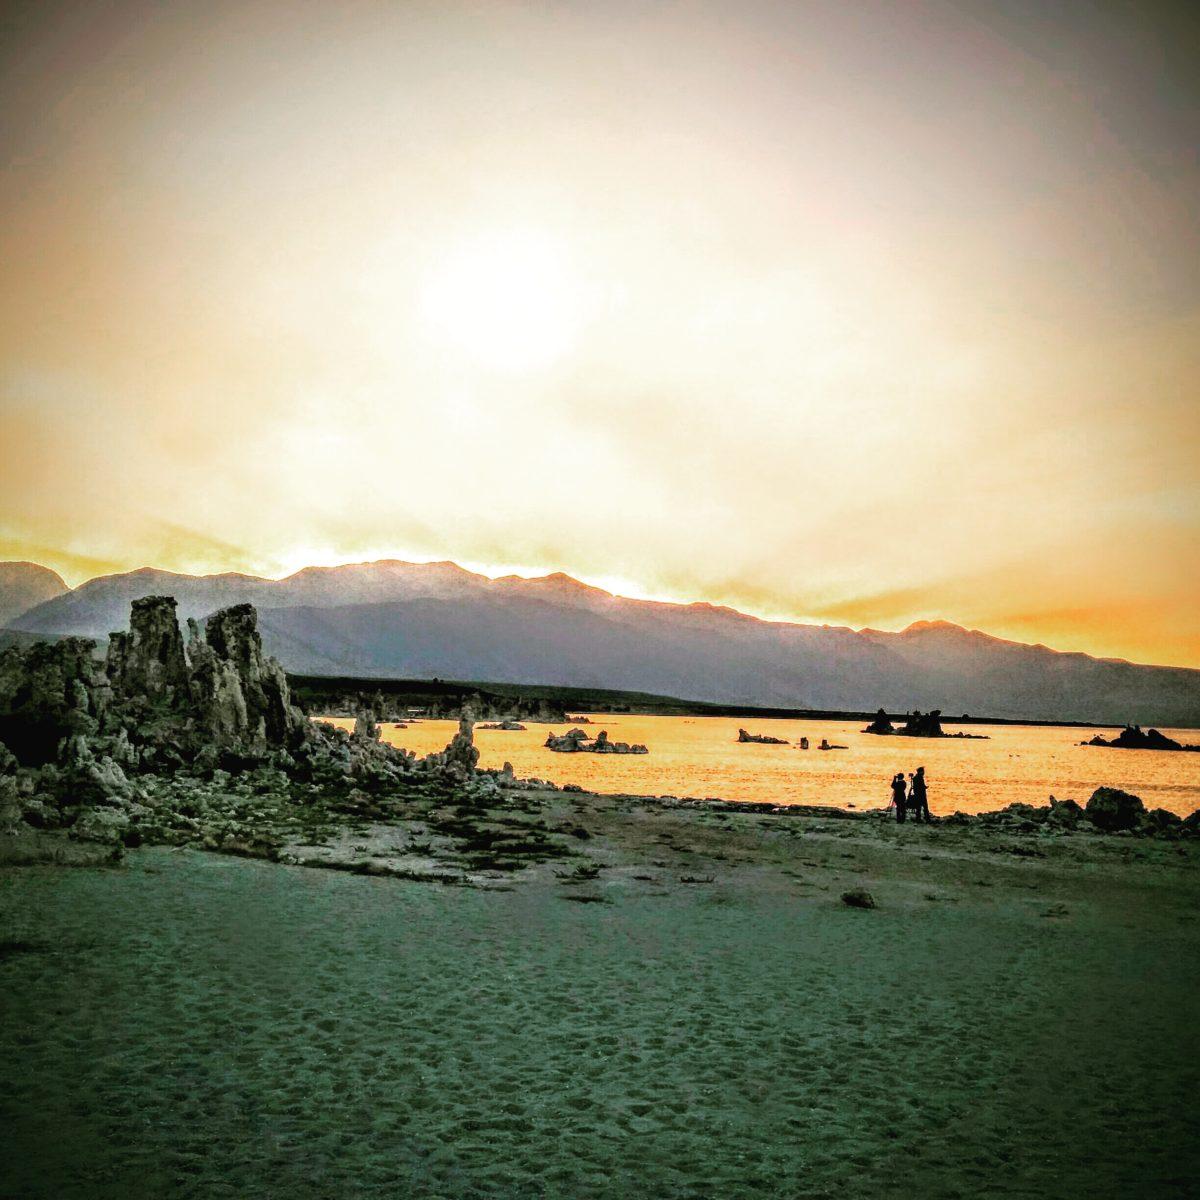 Sunset over South Tufa, Mono Lake 2015